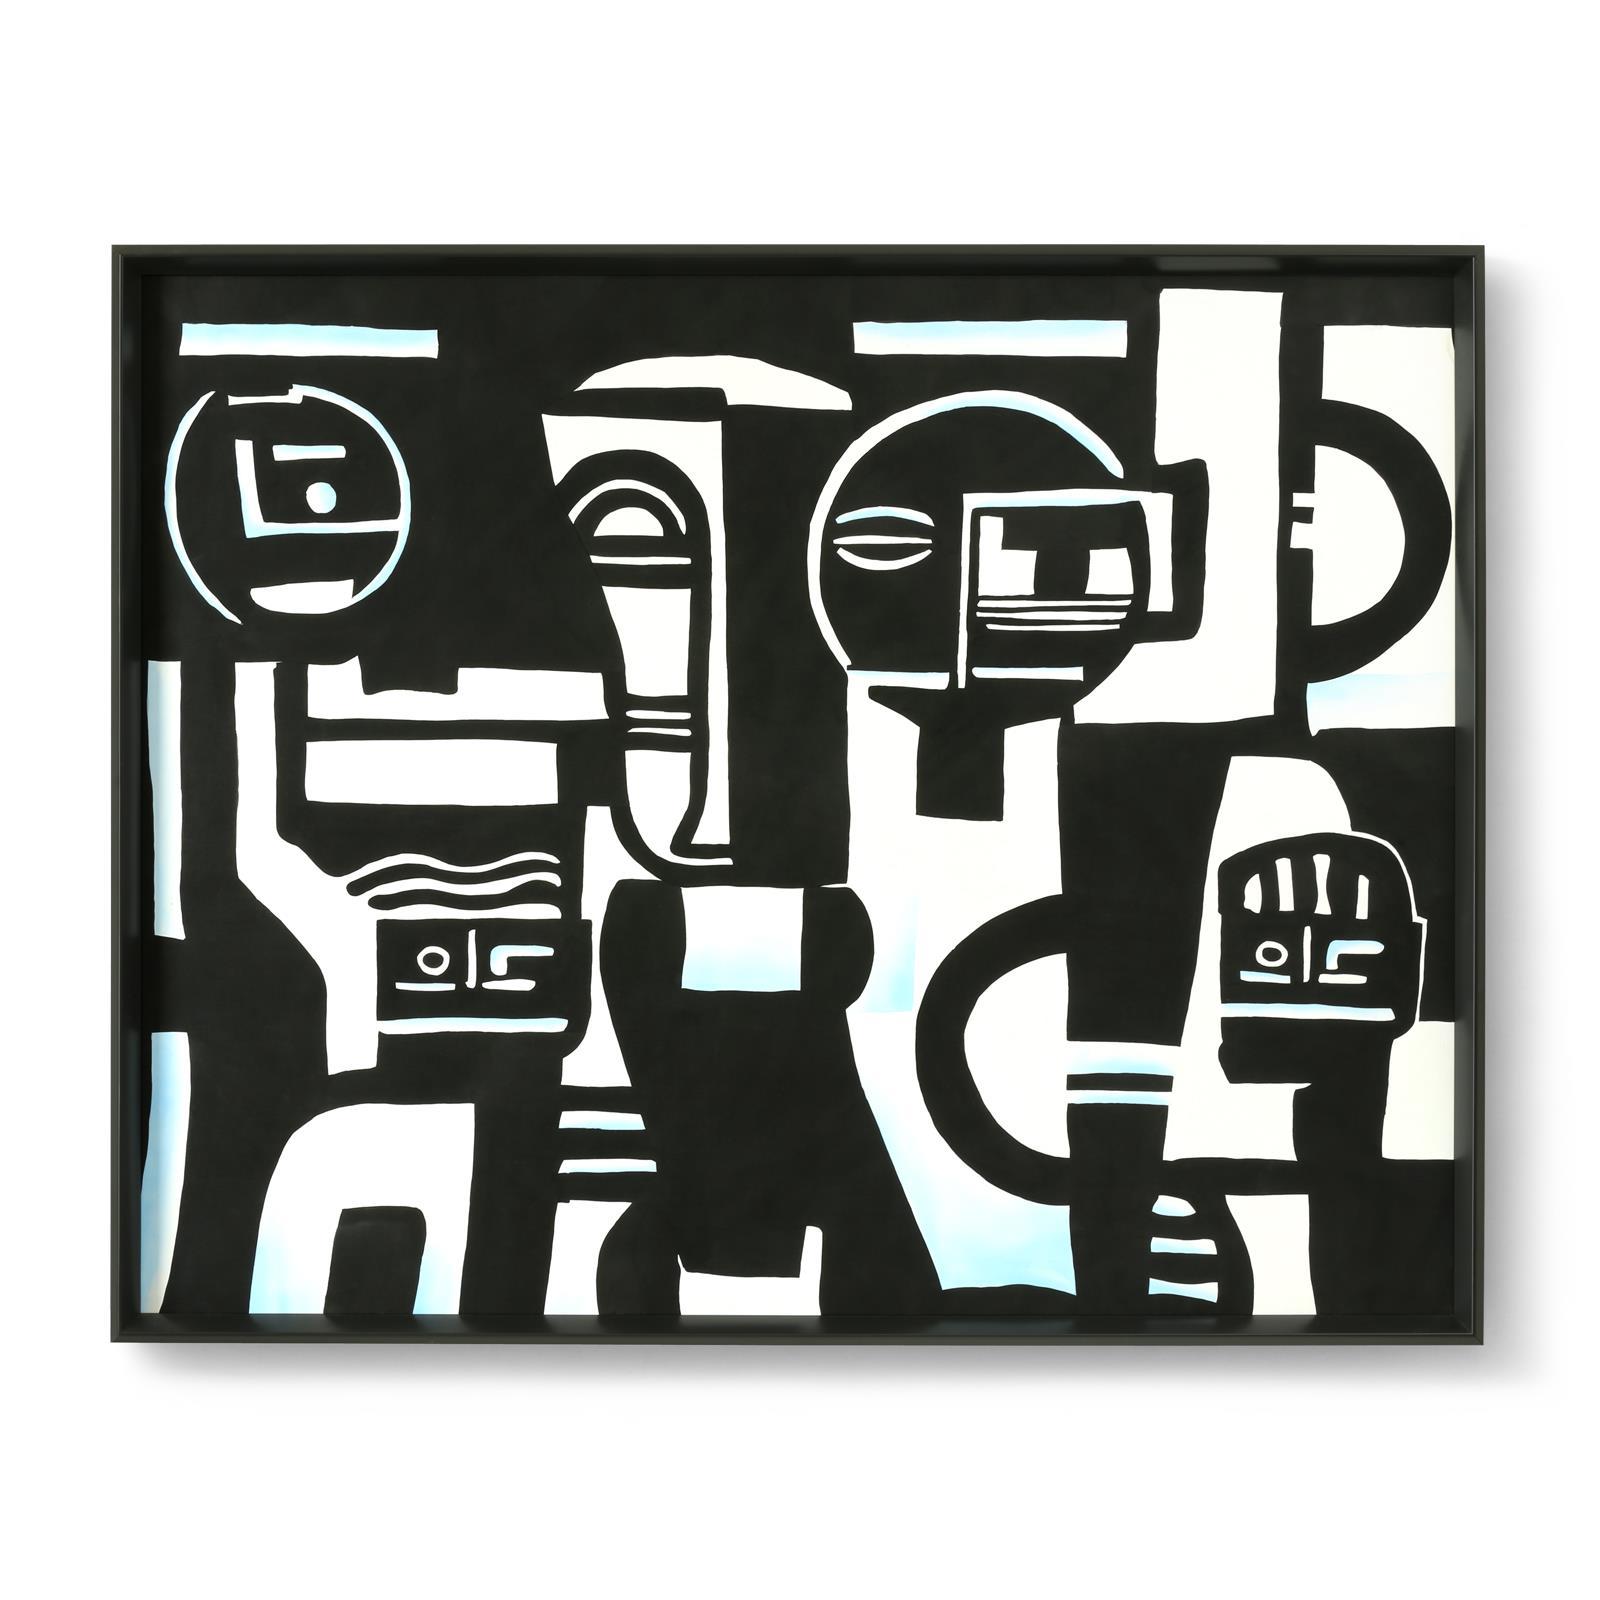 Quartet Framed Silk Panel, Black-White-Light Blue - Bungalow 5